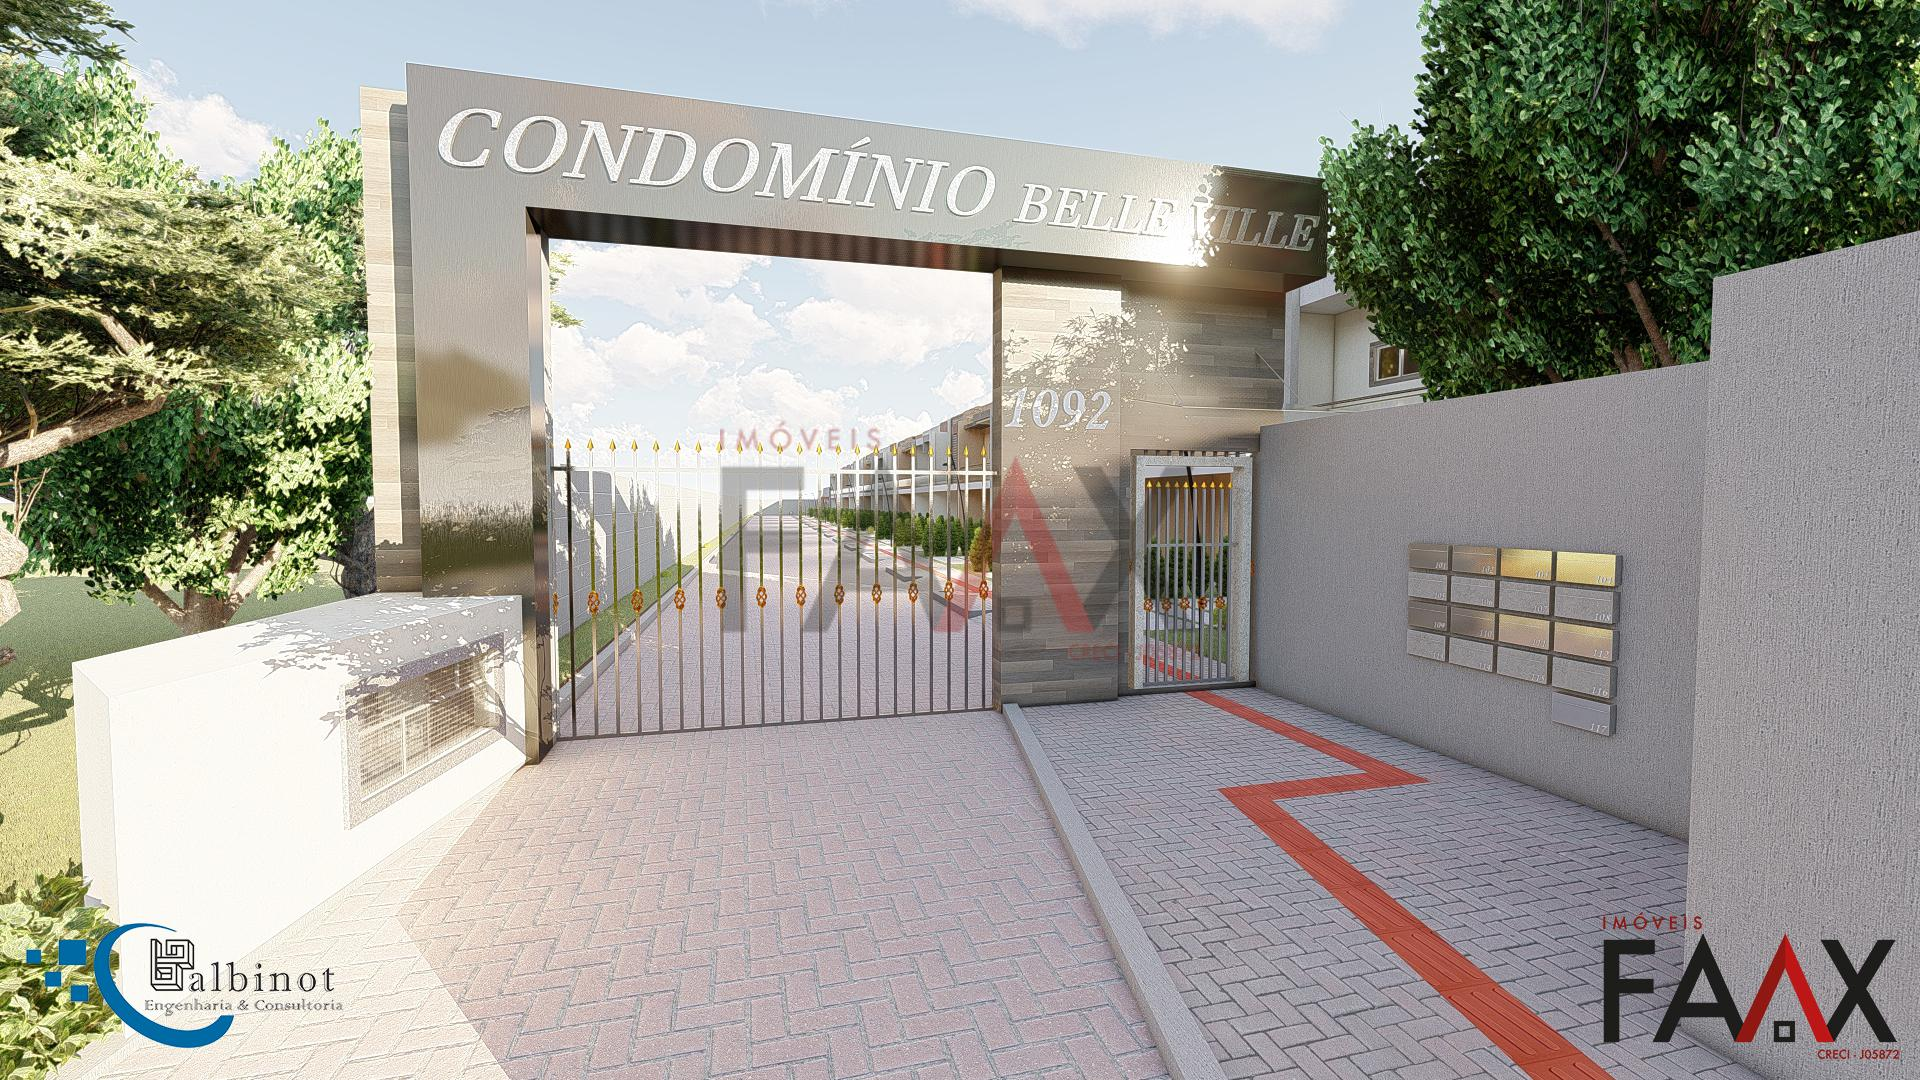 Sobrado com 3 dormitórios à venda,136.67m, MORRO ALTO, GUARAPUAVA - PR